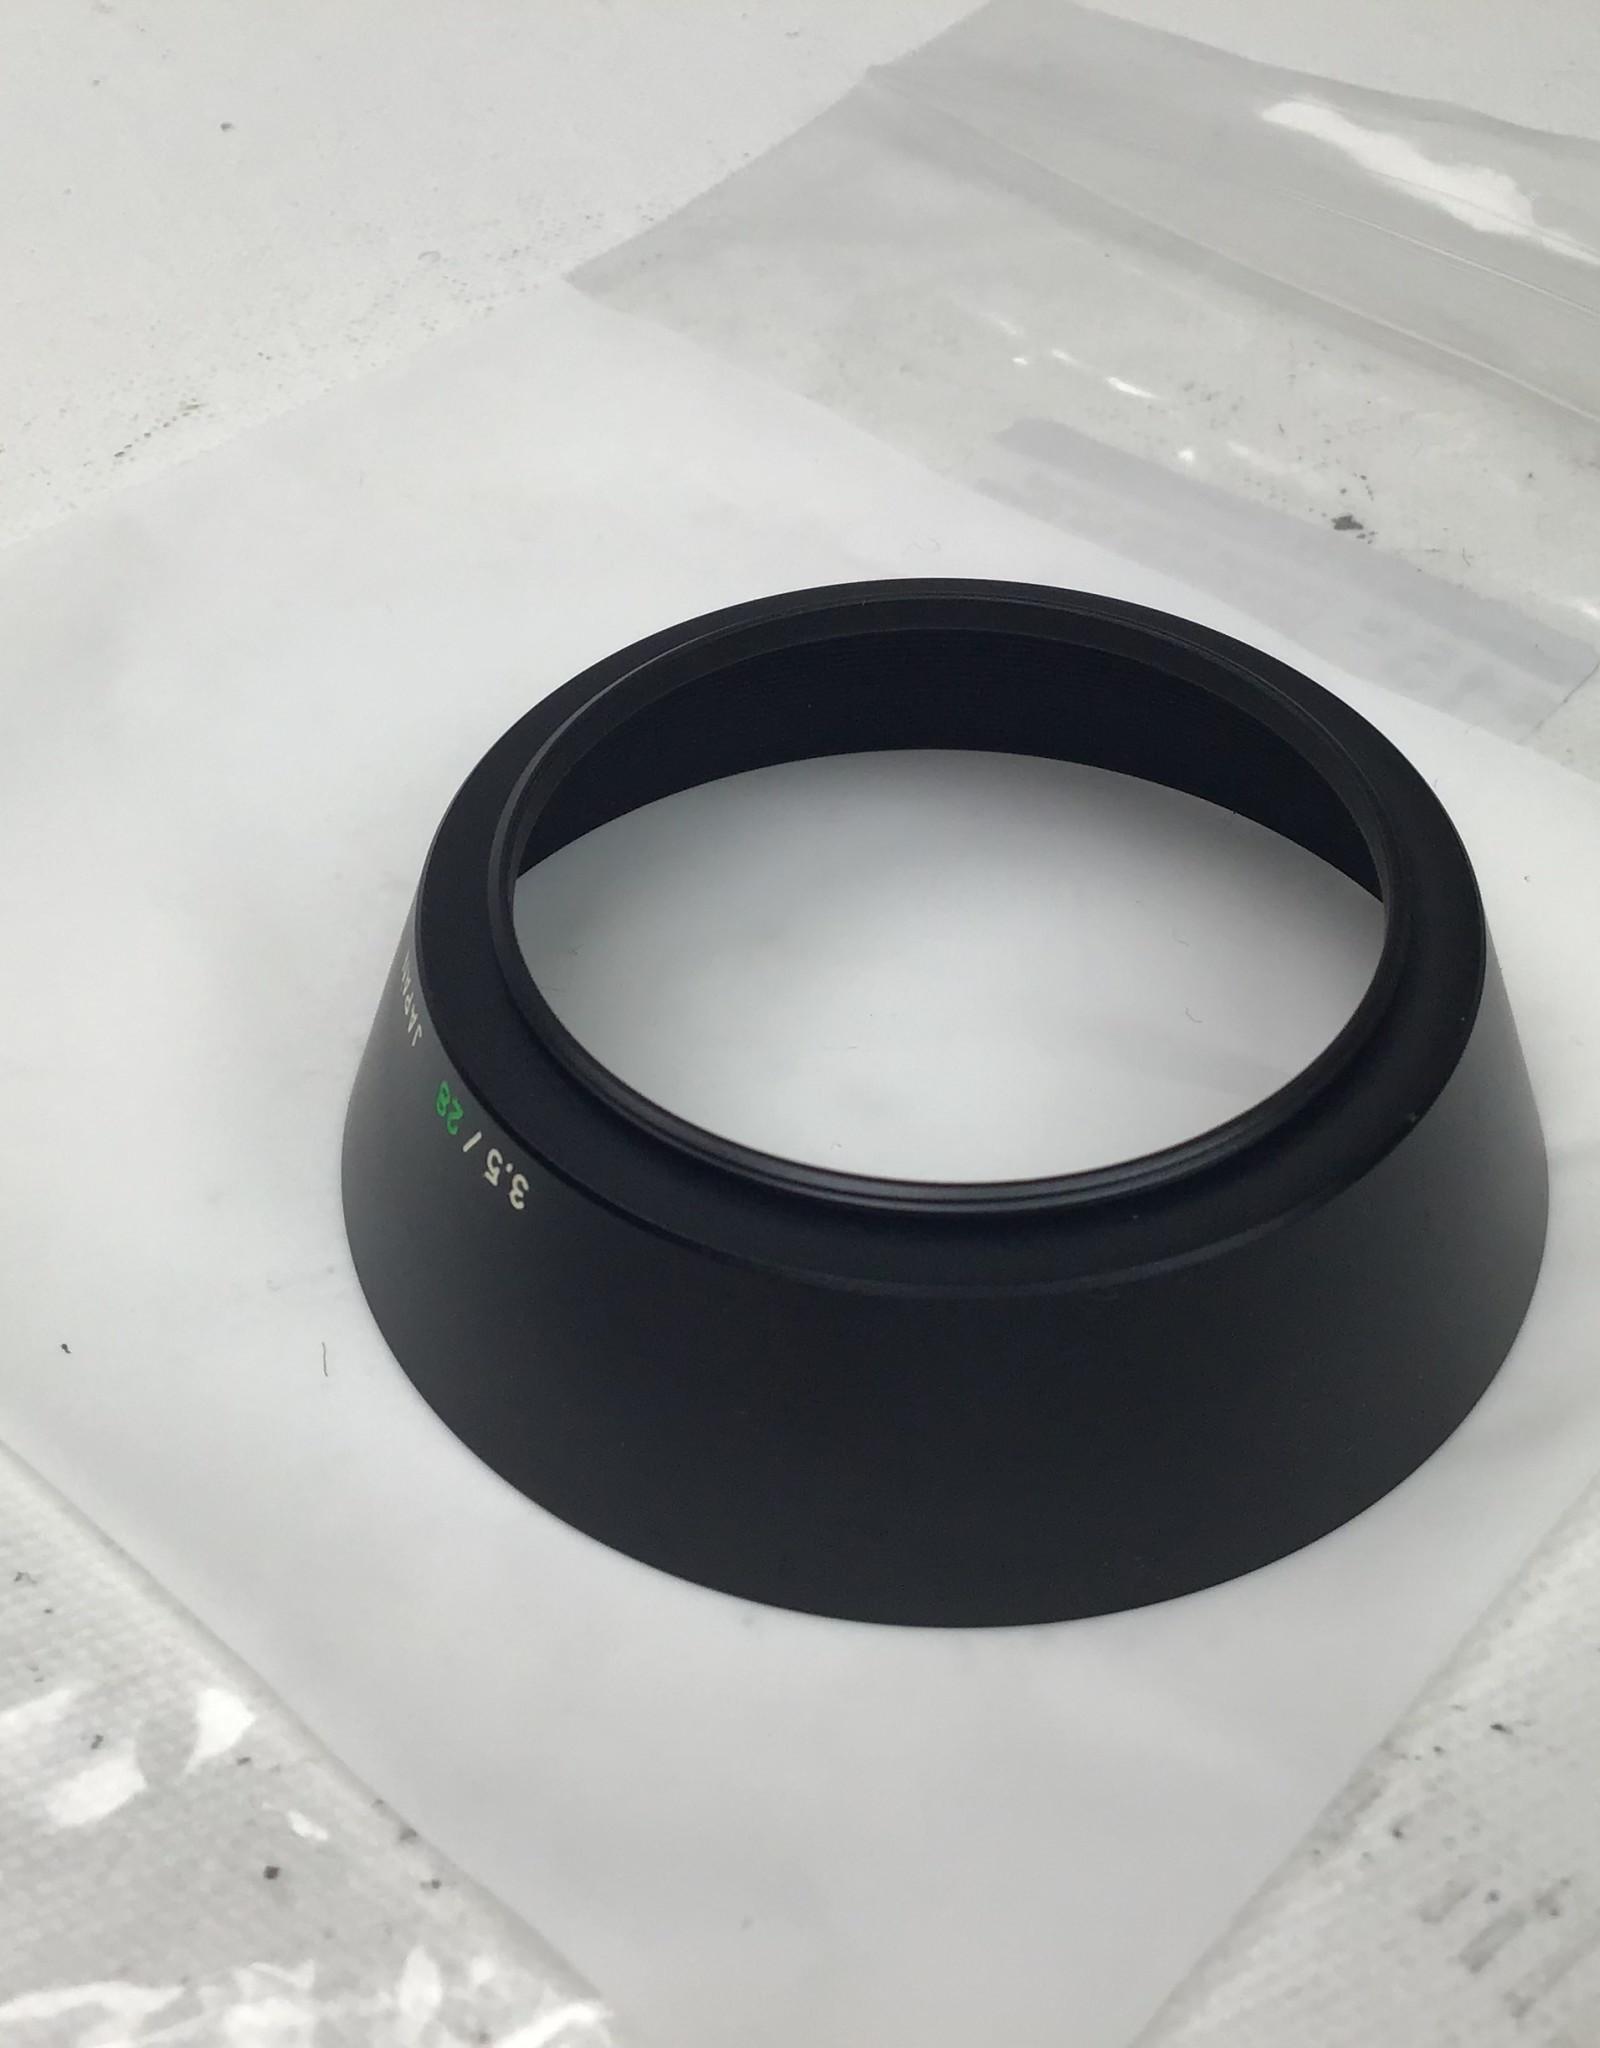 OLYMPUS Olympus 49mm Thread Lens Hood for OM 28mm f3.5 Used EX